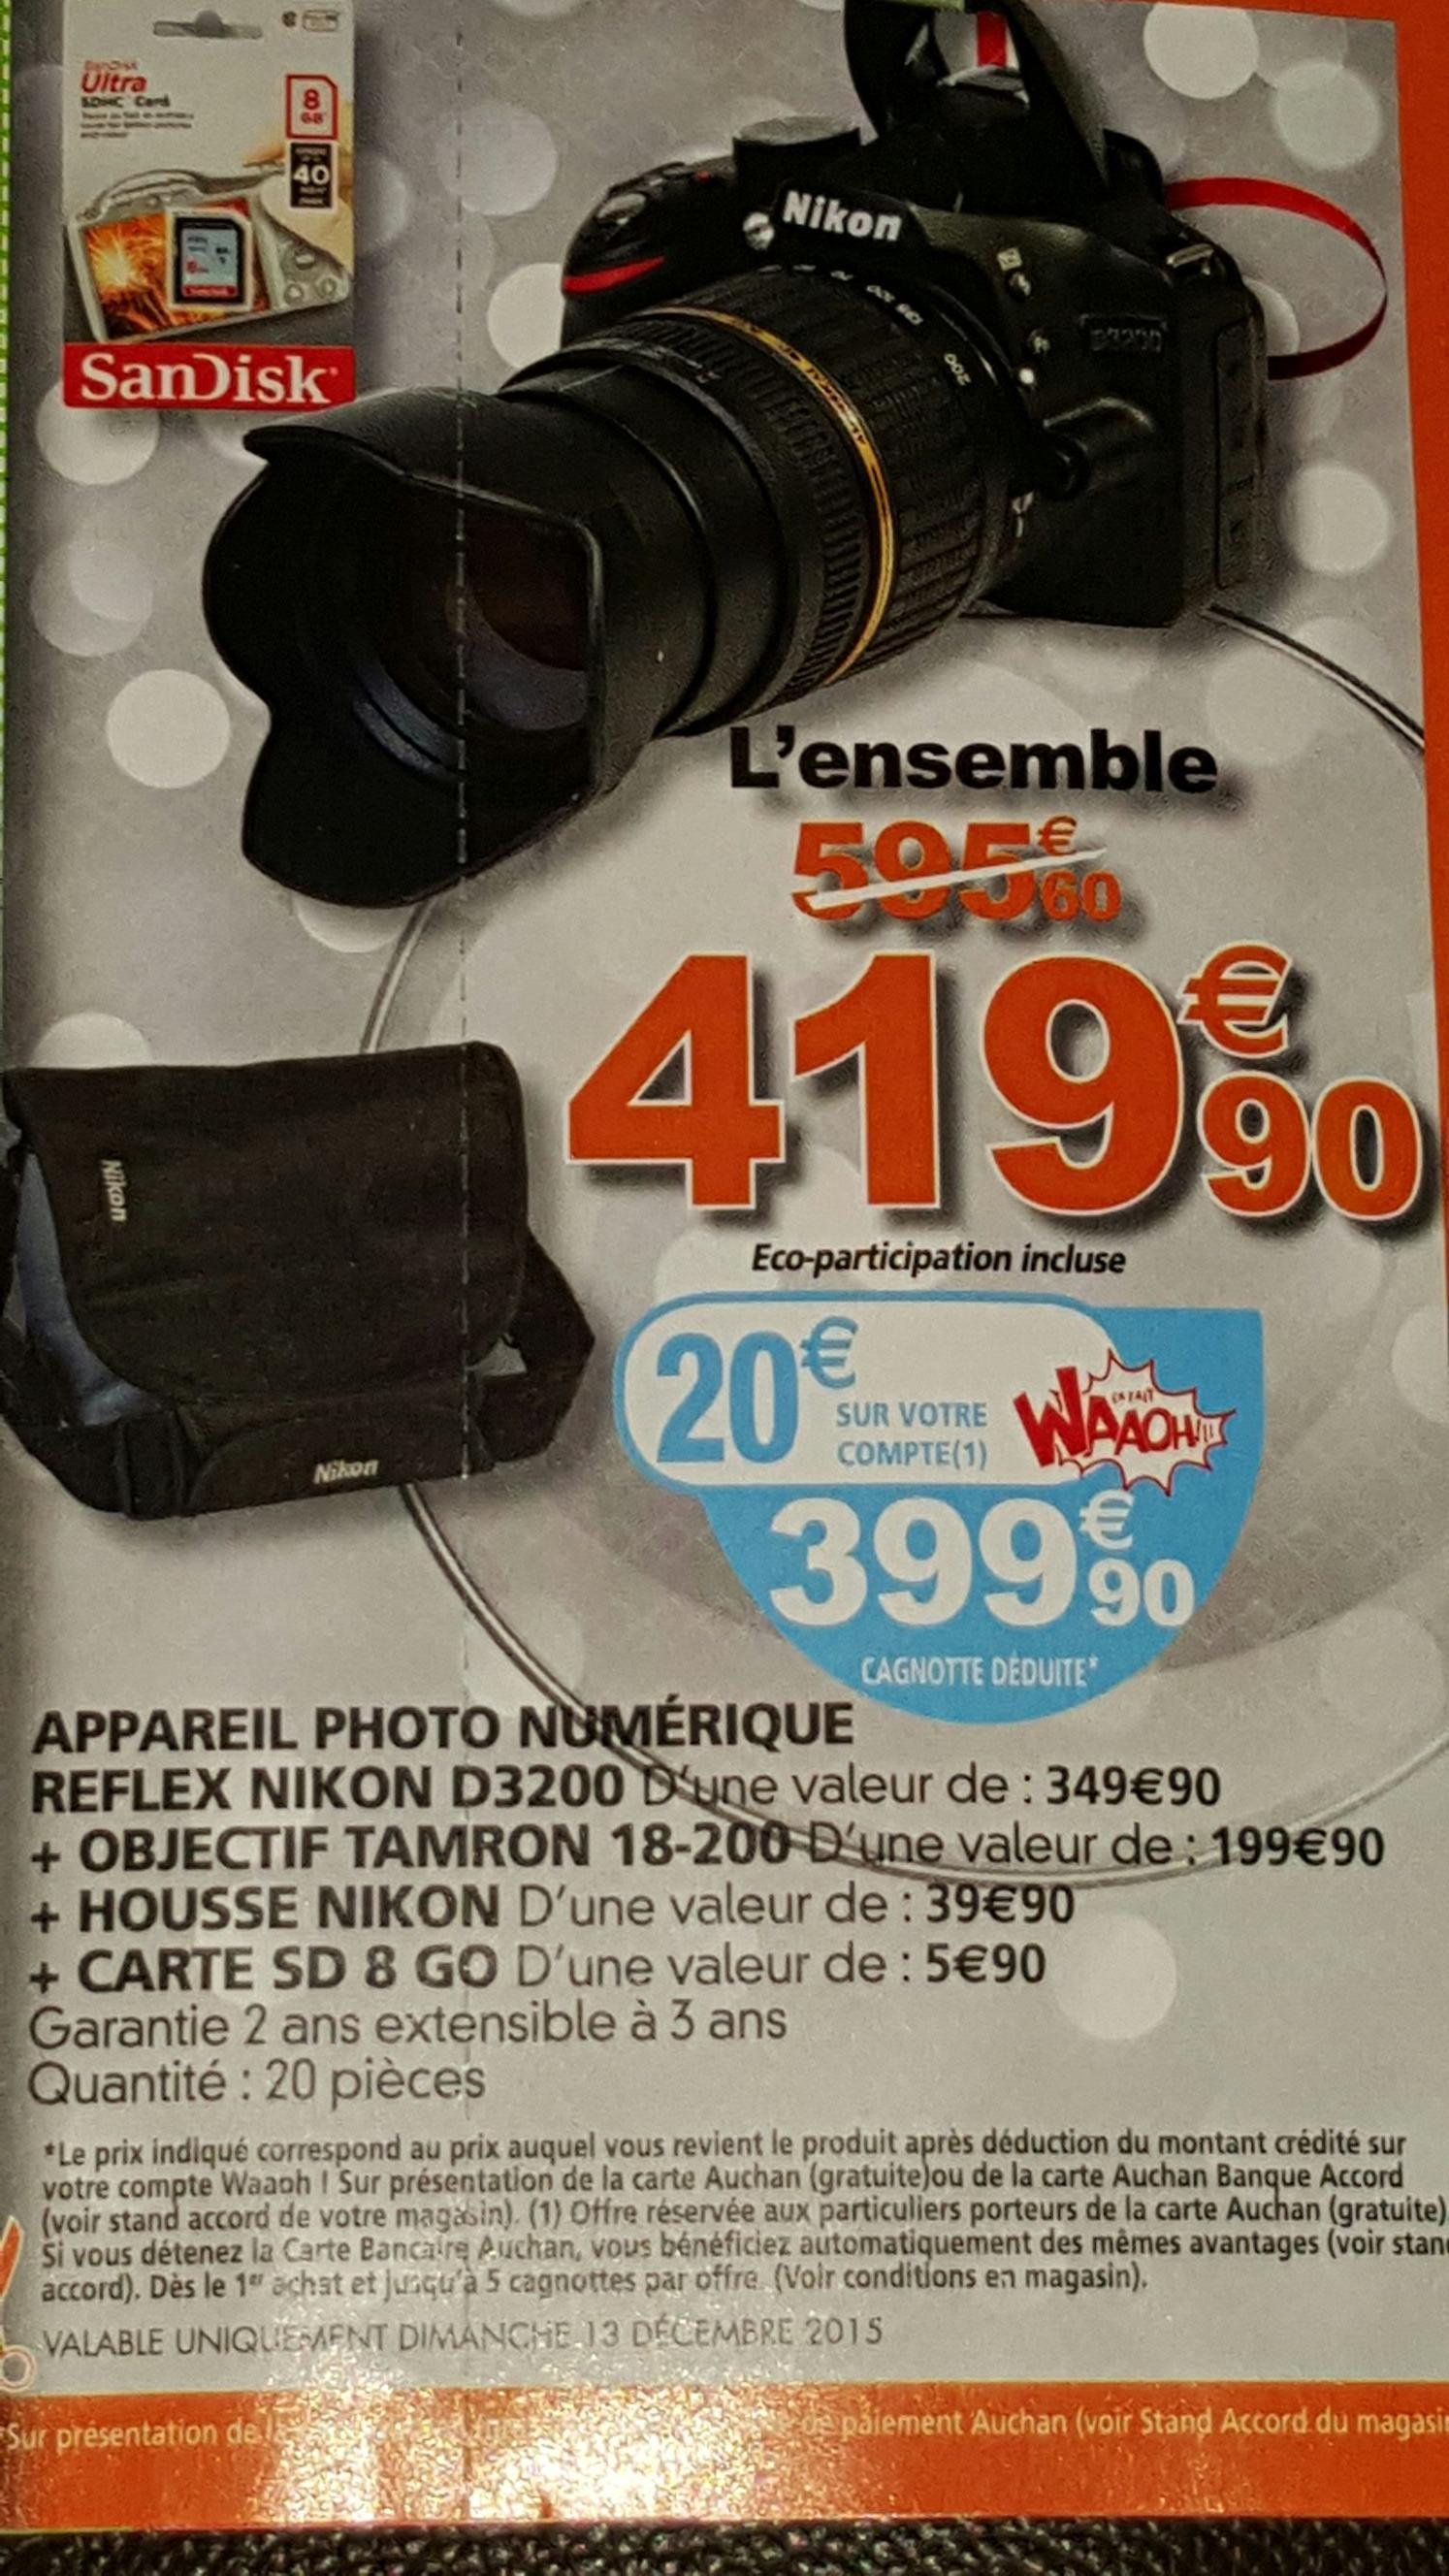 Nikon D3200 + Tamron 18-200 + housse + SD 8Go (20€ sur la carte fidélité)